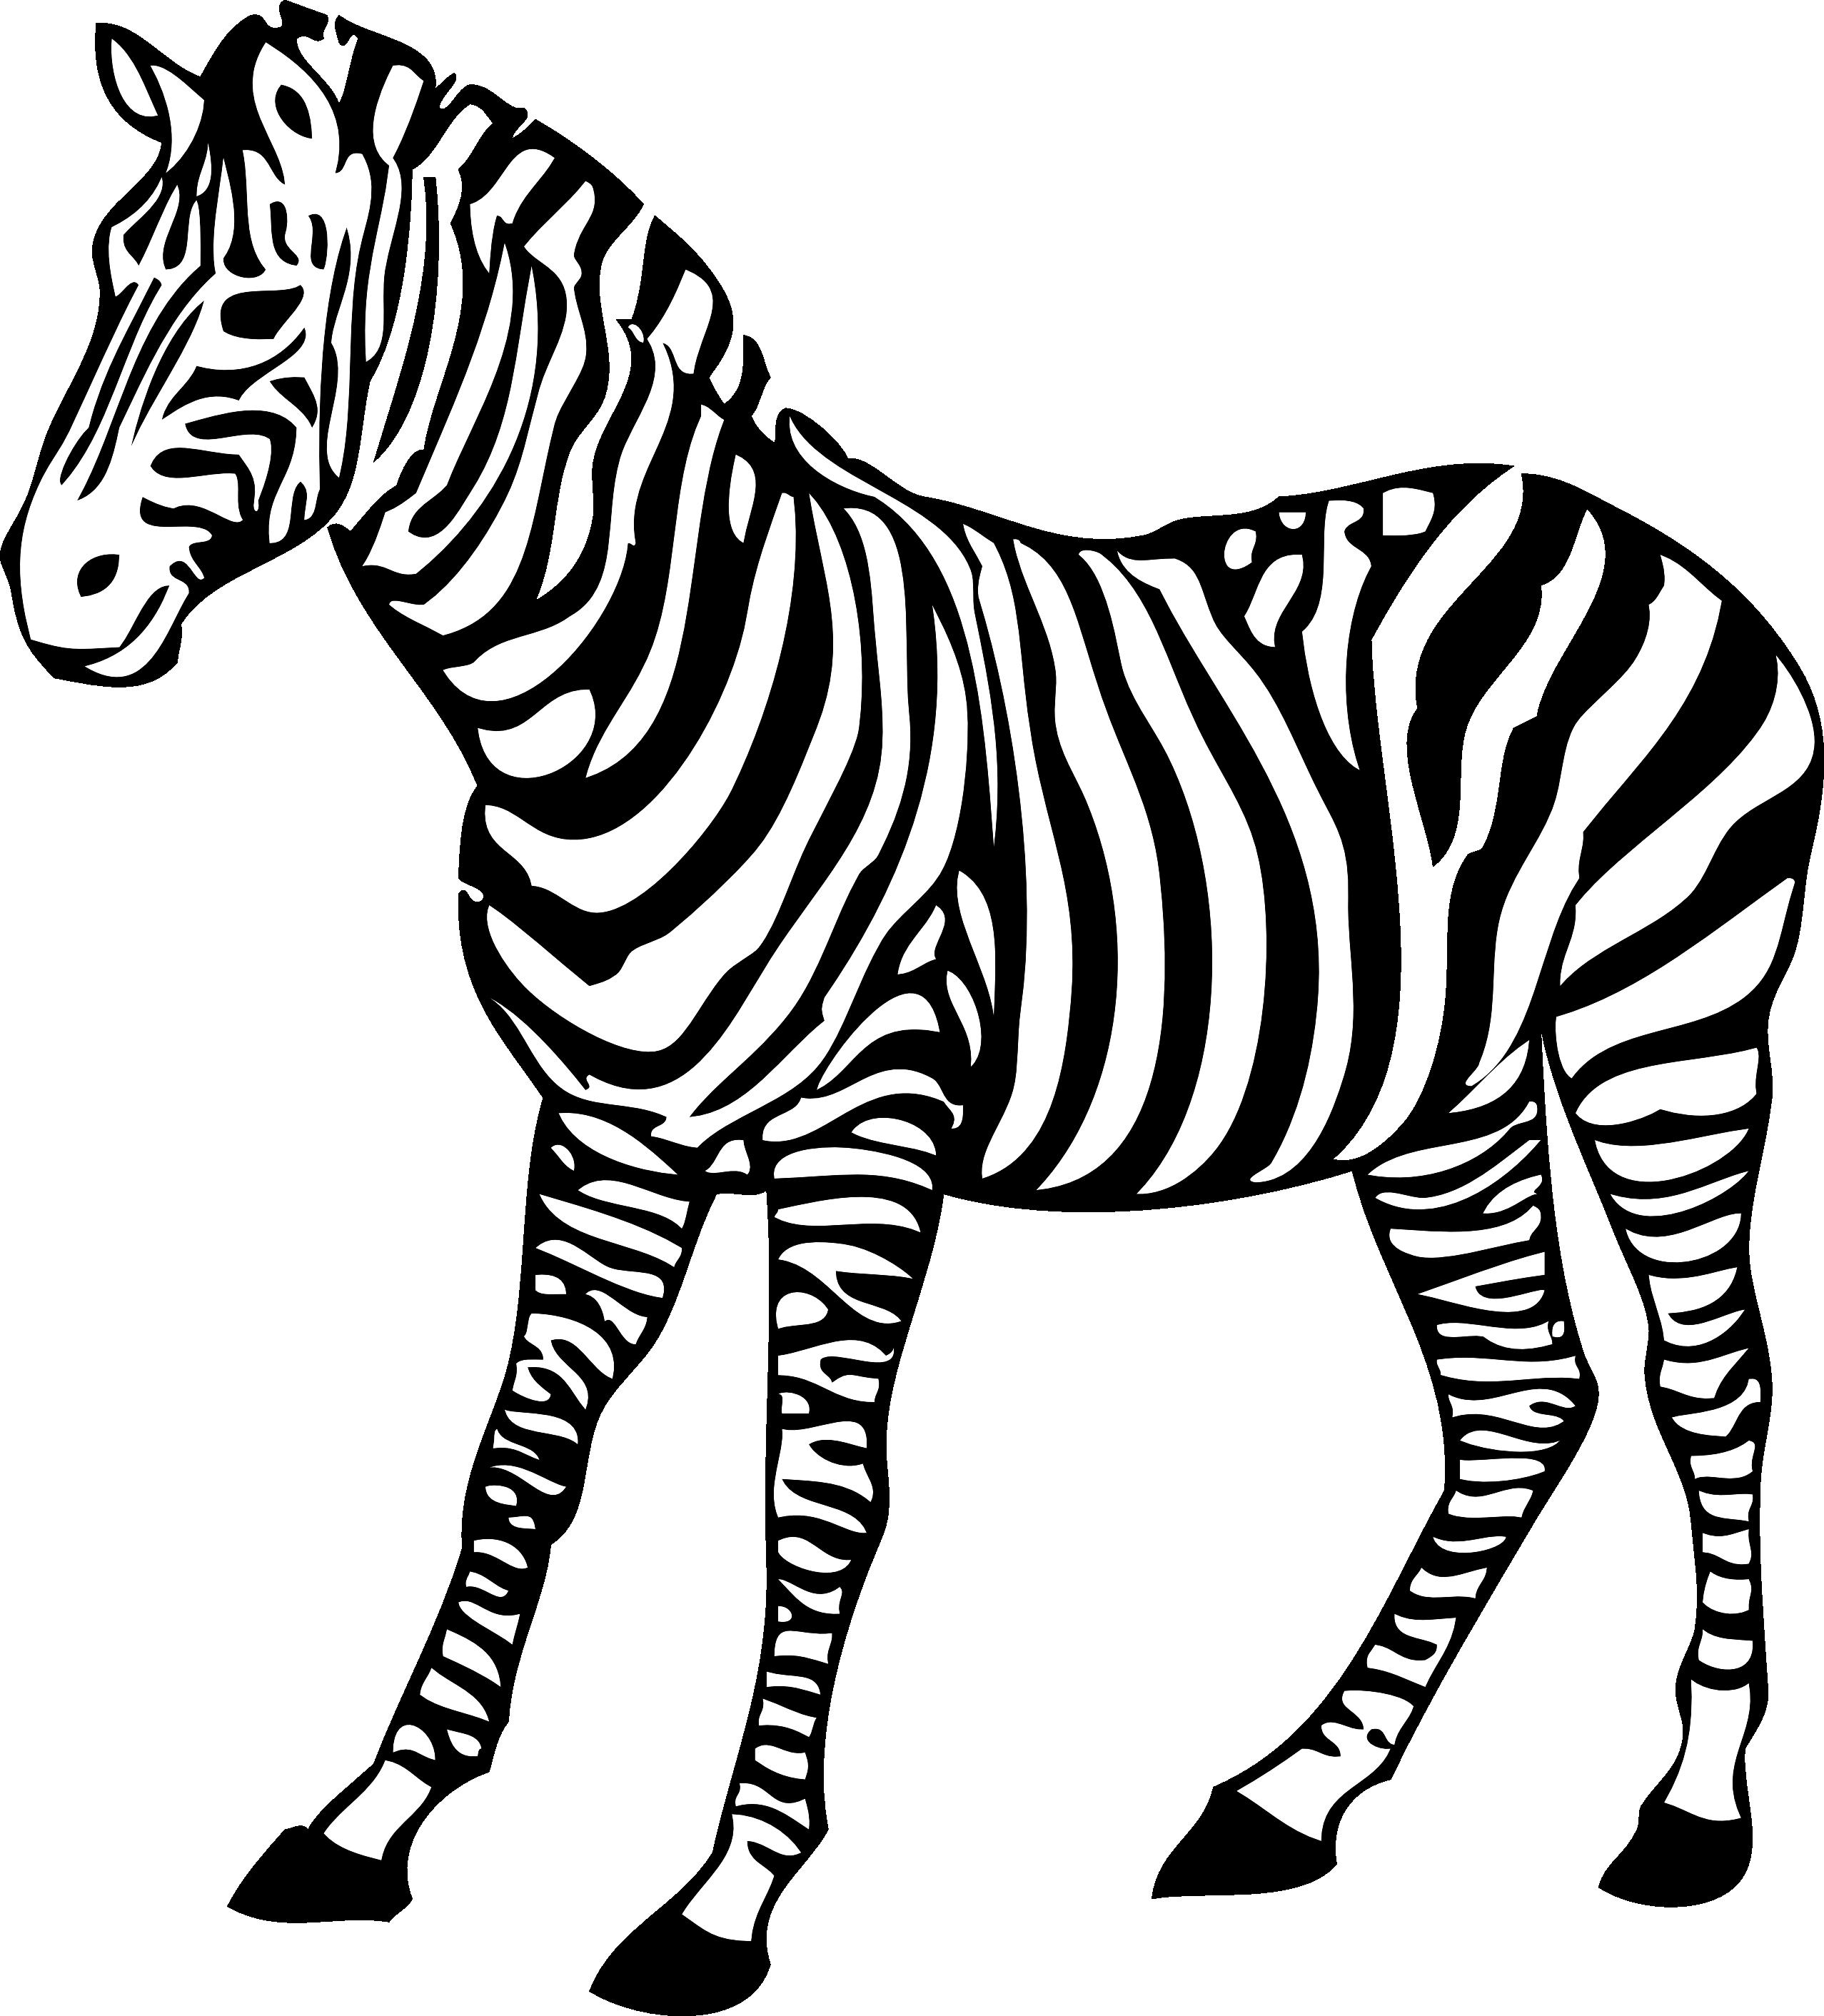 Zebra Clipart Black And White.